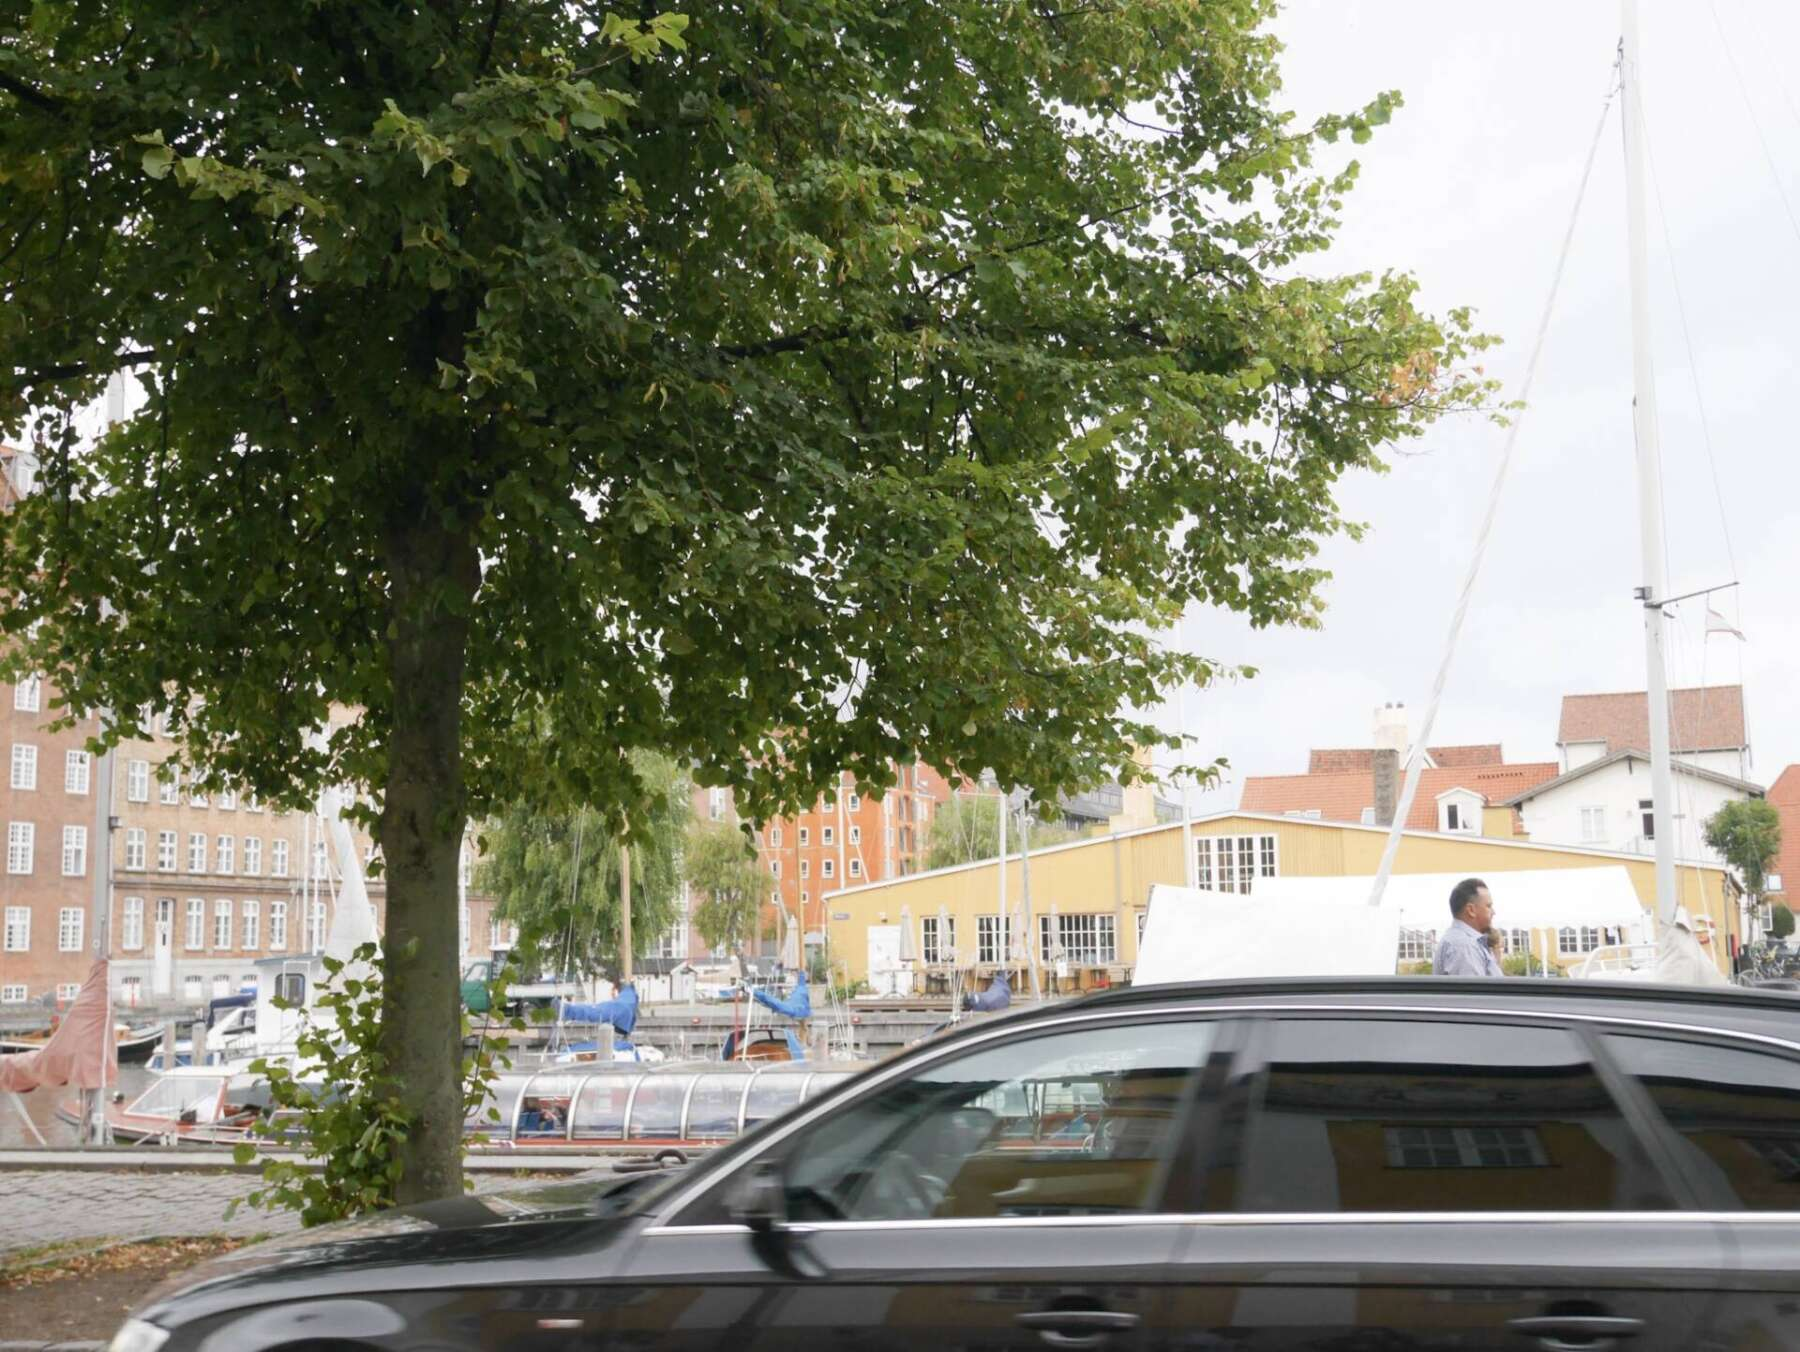 ย่าน Christianshavn